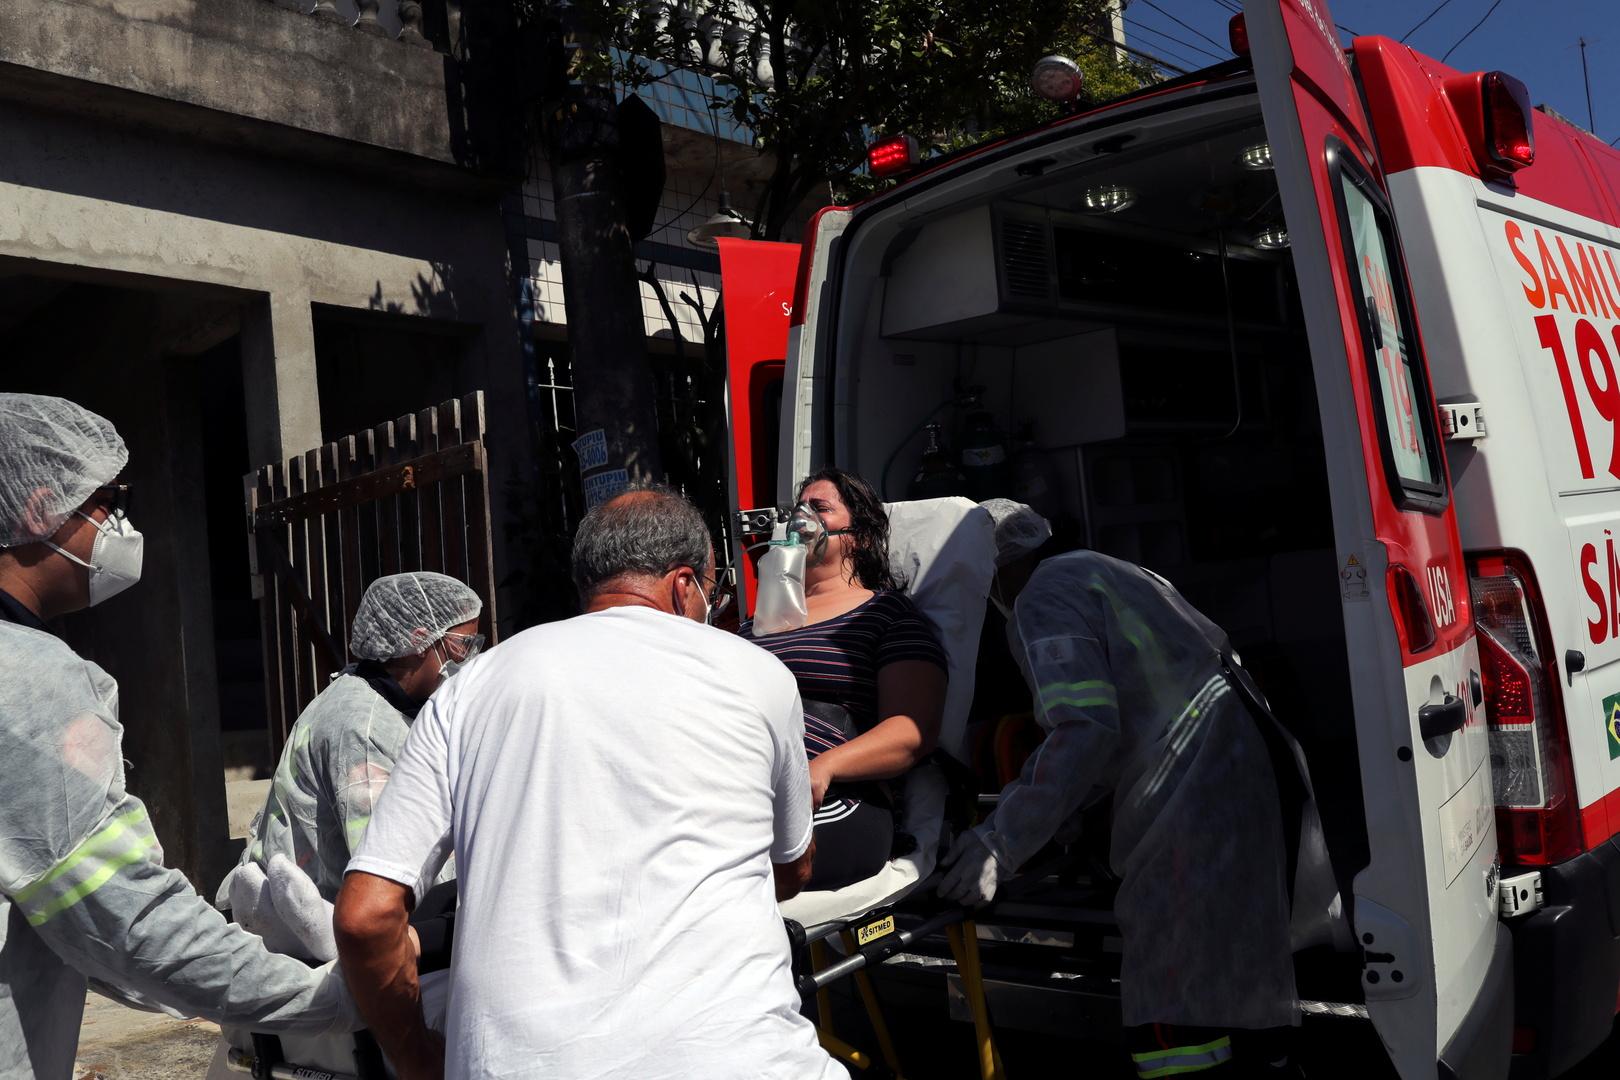 في حصيلة قياسية جديدة.. البرازيل تسجل أكثر من 100 ألف إصابة بكورونا خلال يوم